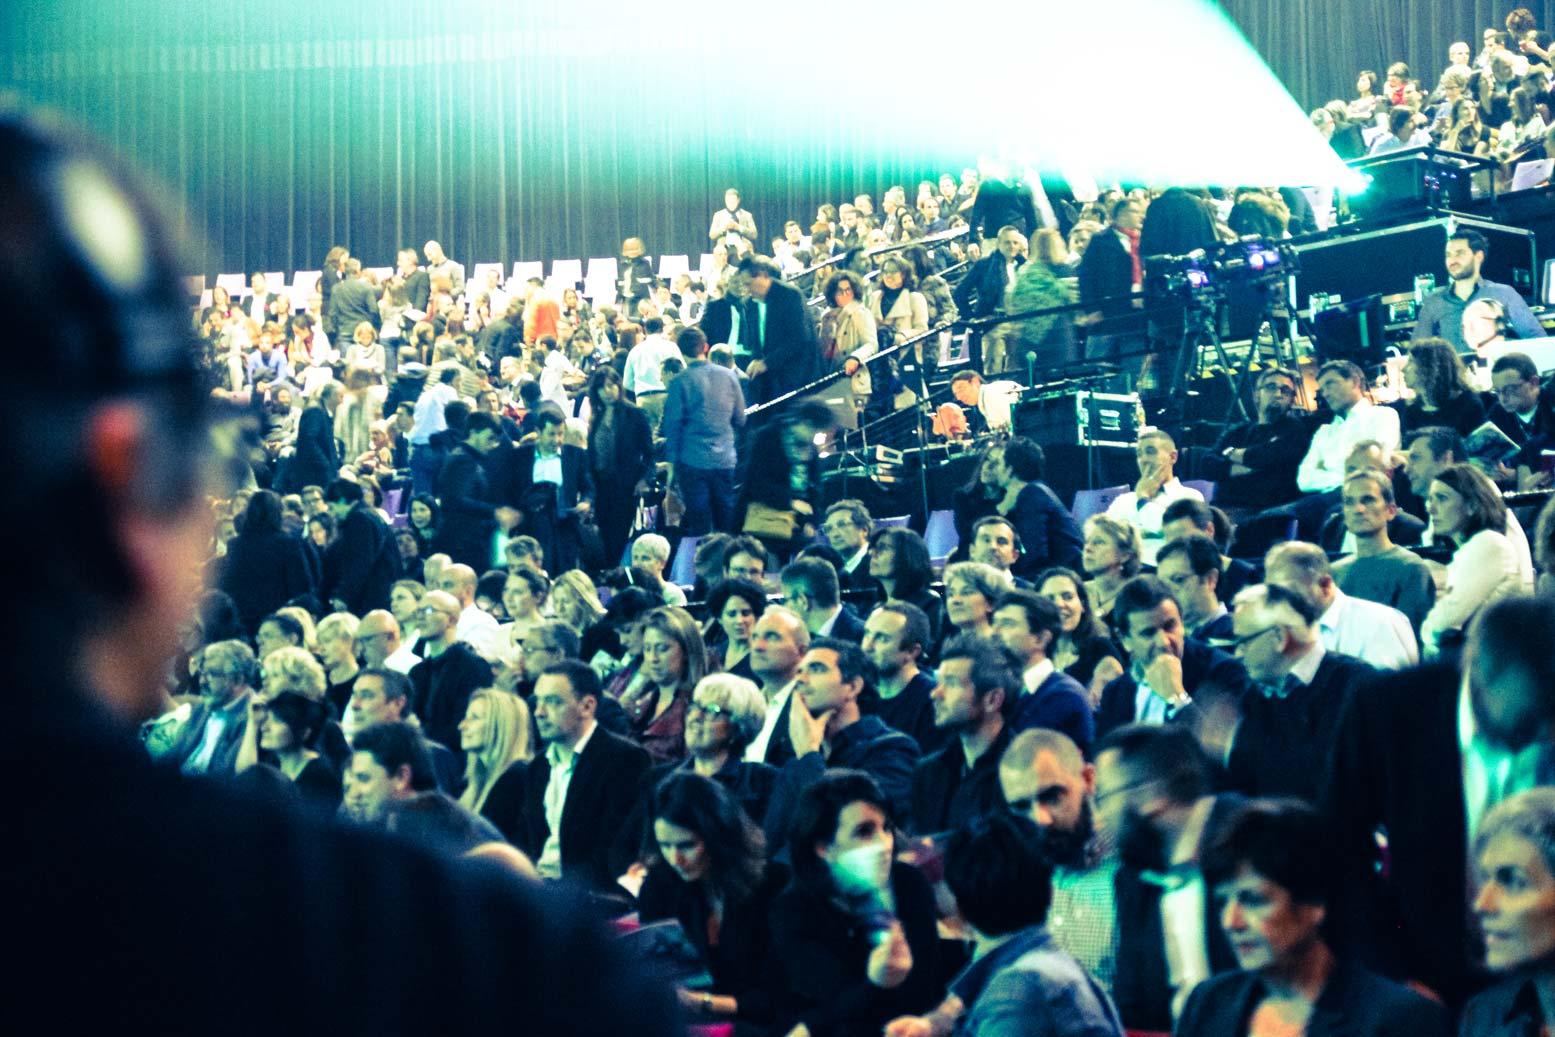 Premium CJD Pau Béarn, 2017. 1000 participants Iker Aguirre en ouverture, suivi du philosophe Raphaël Enthoven, présenté par Annie Lemoine.